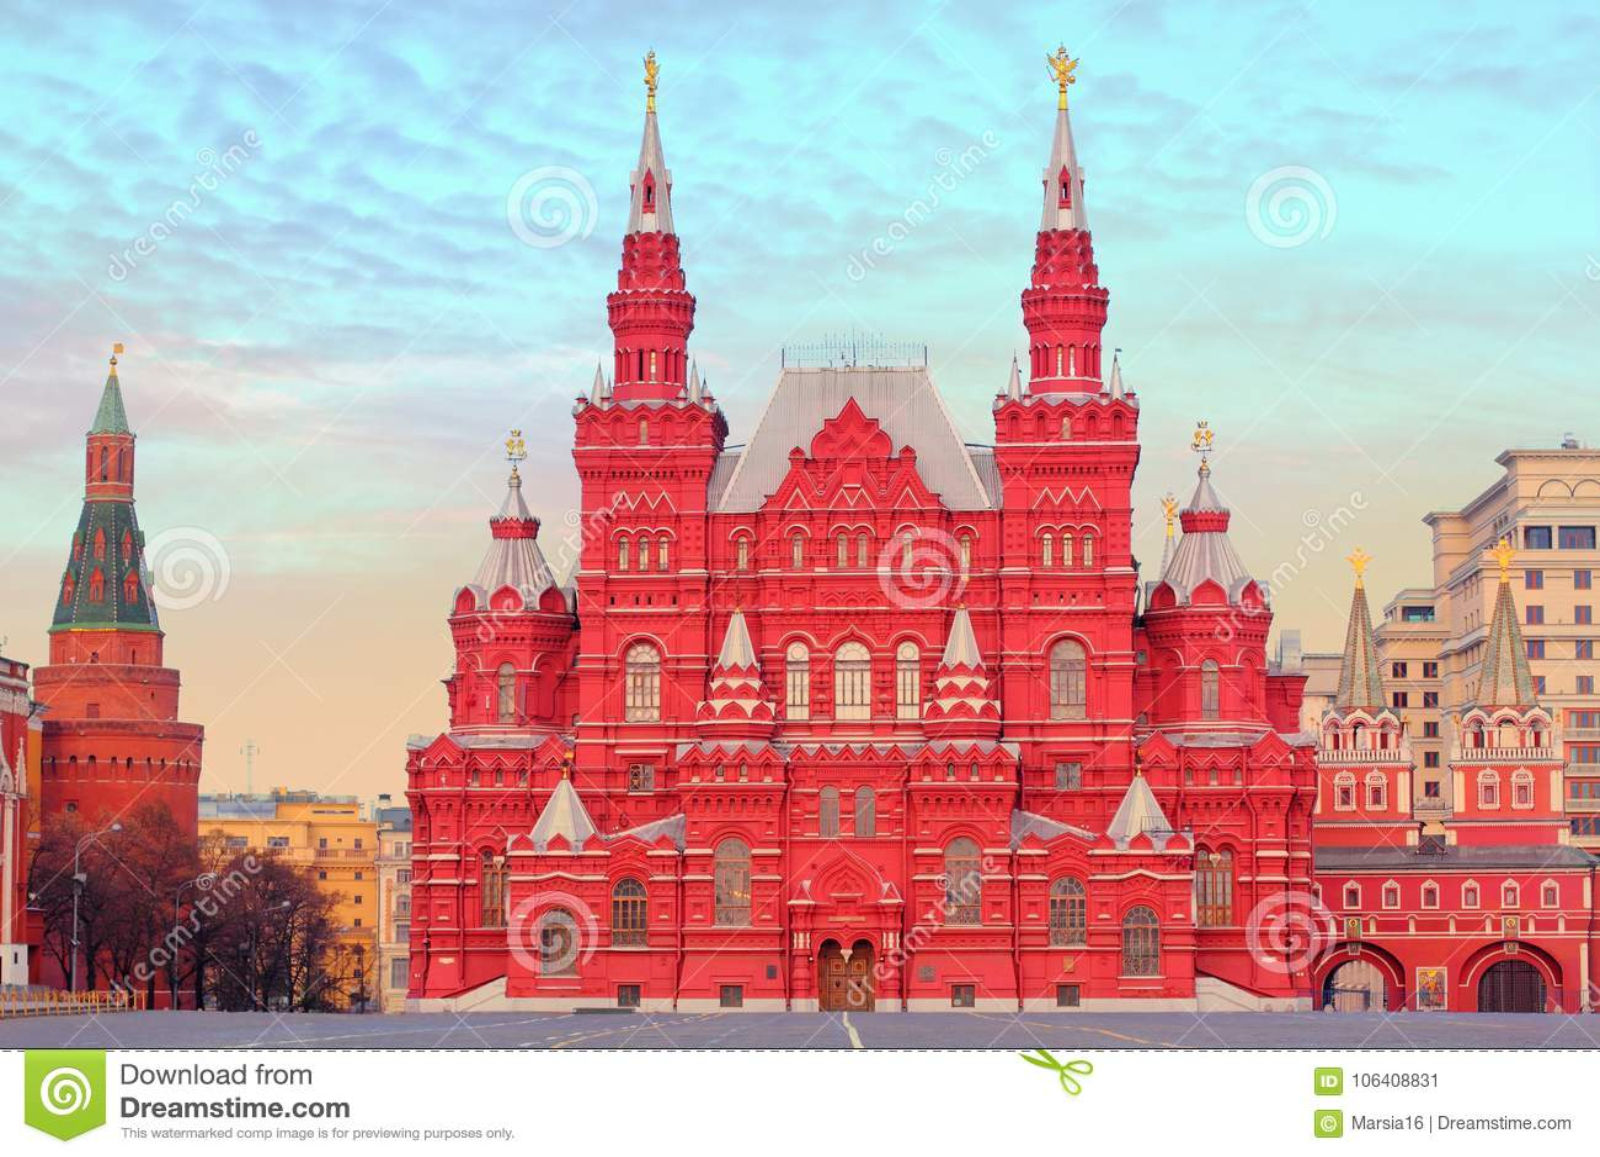 Zustands-historisches Museum in Moskau, Russland